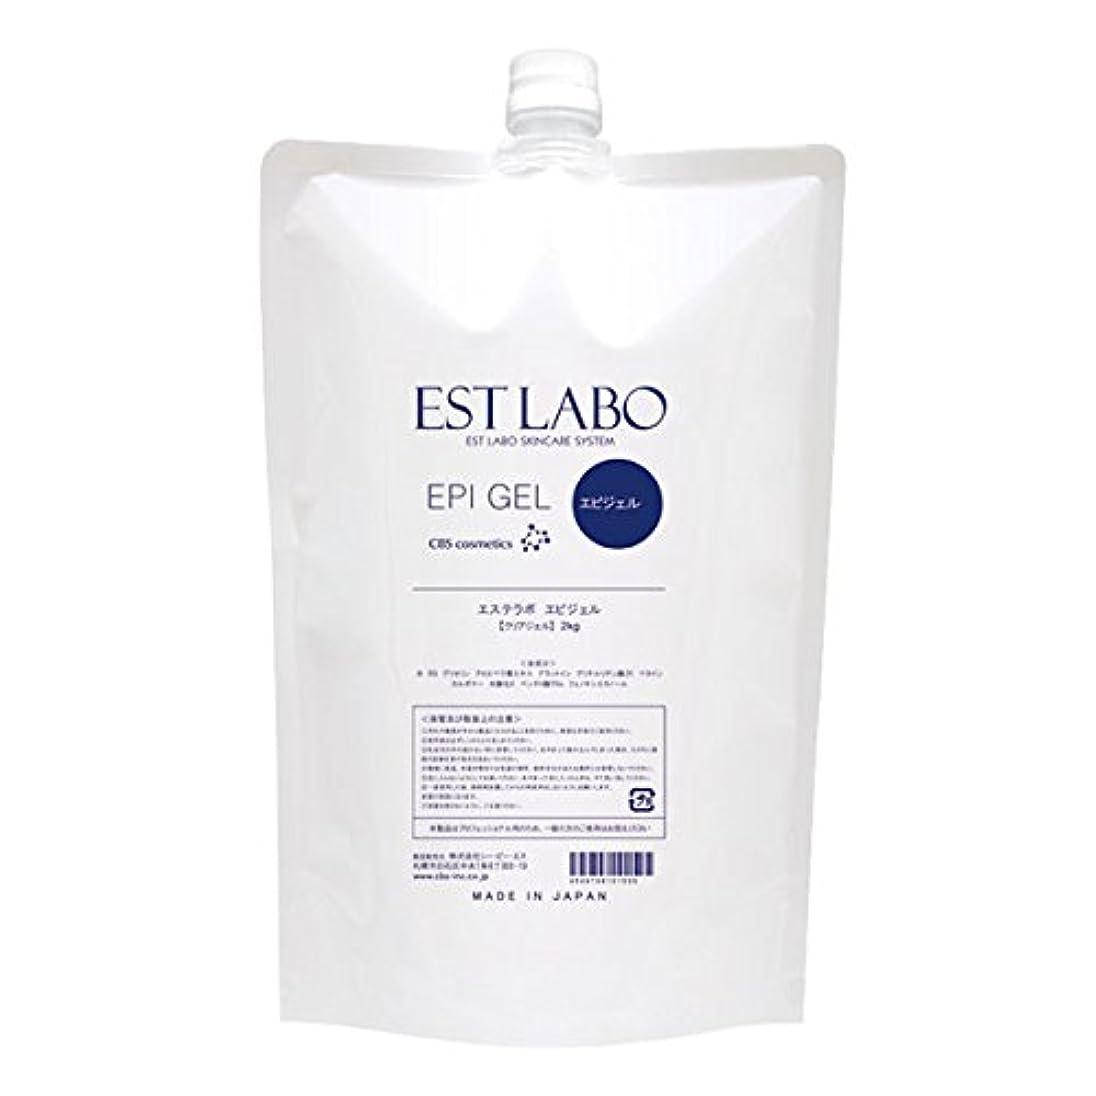 しっとり機構夏脱毛 EST LABO エピジェル(1袋?2kg)×2 合計2袋?4kg 業務用